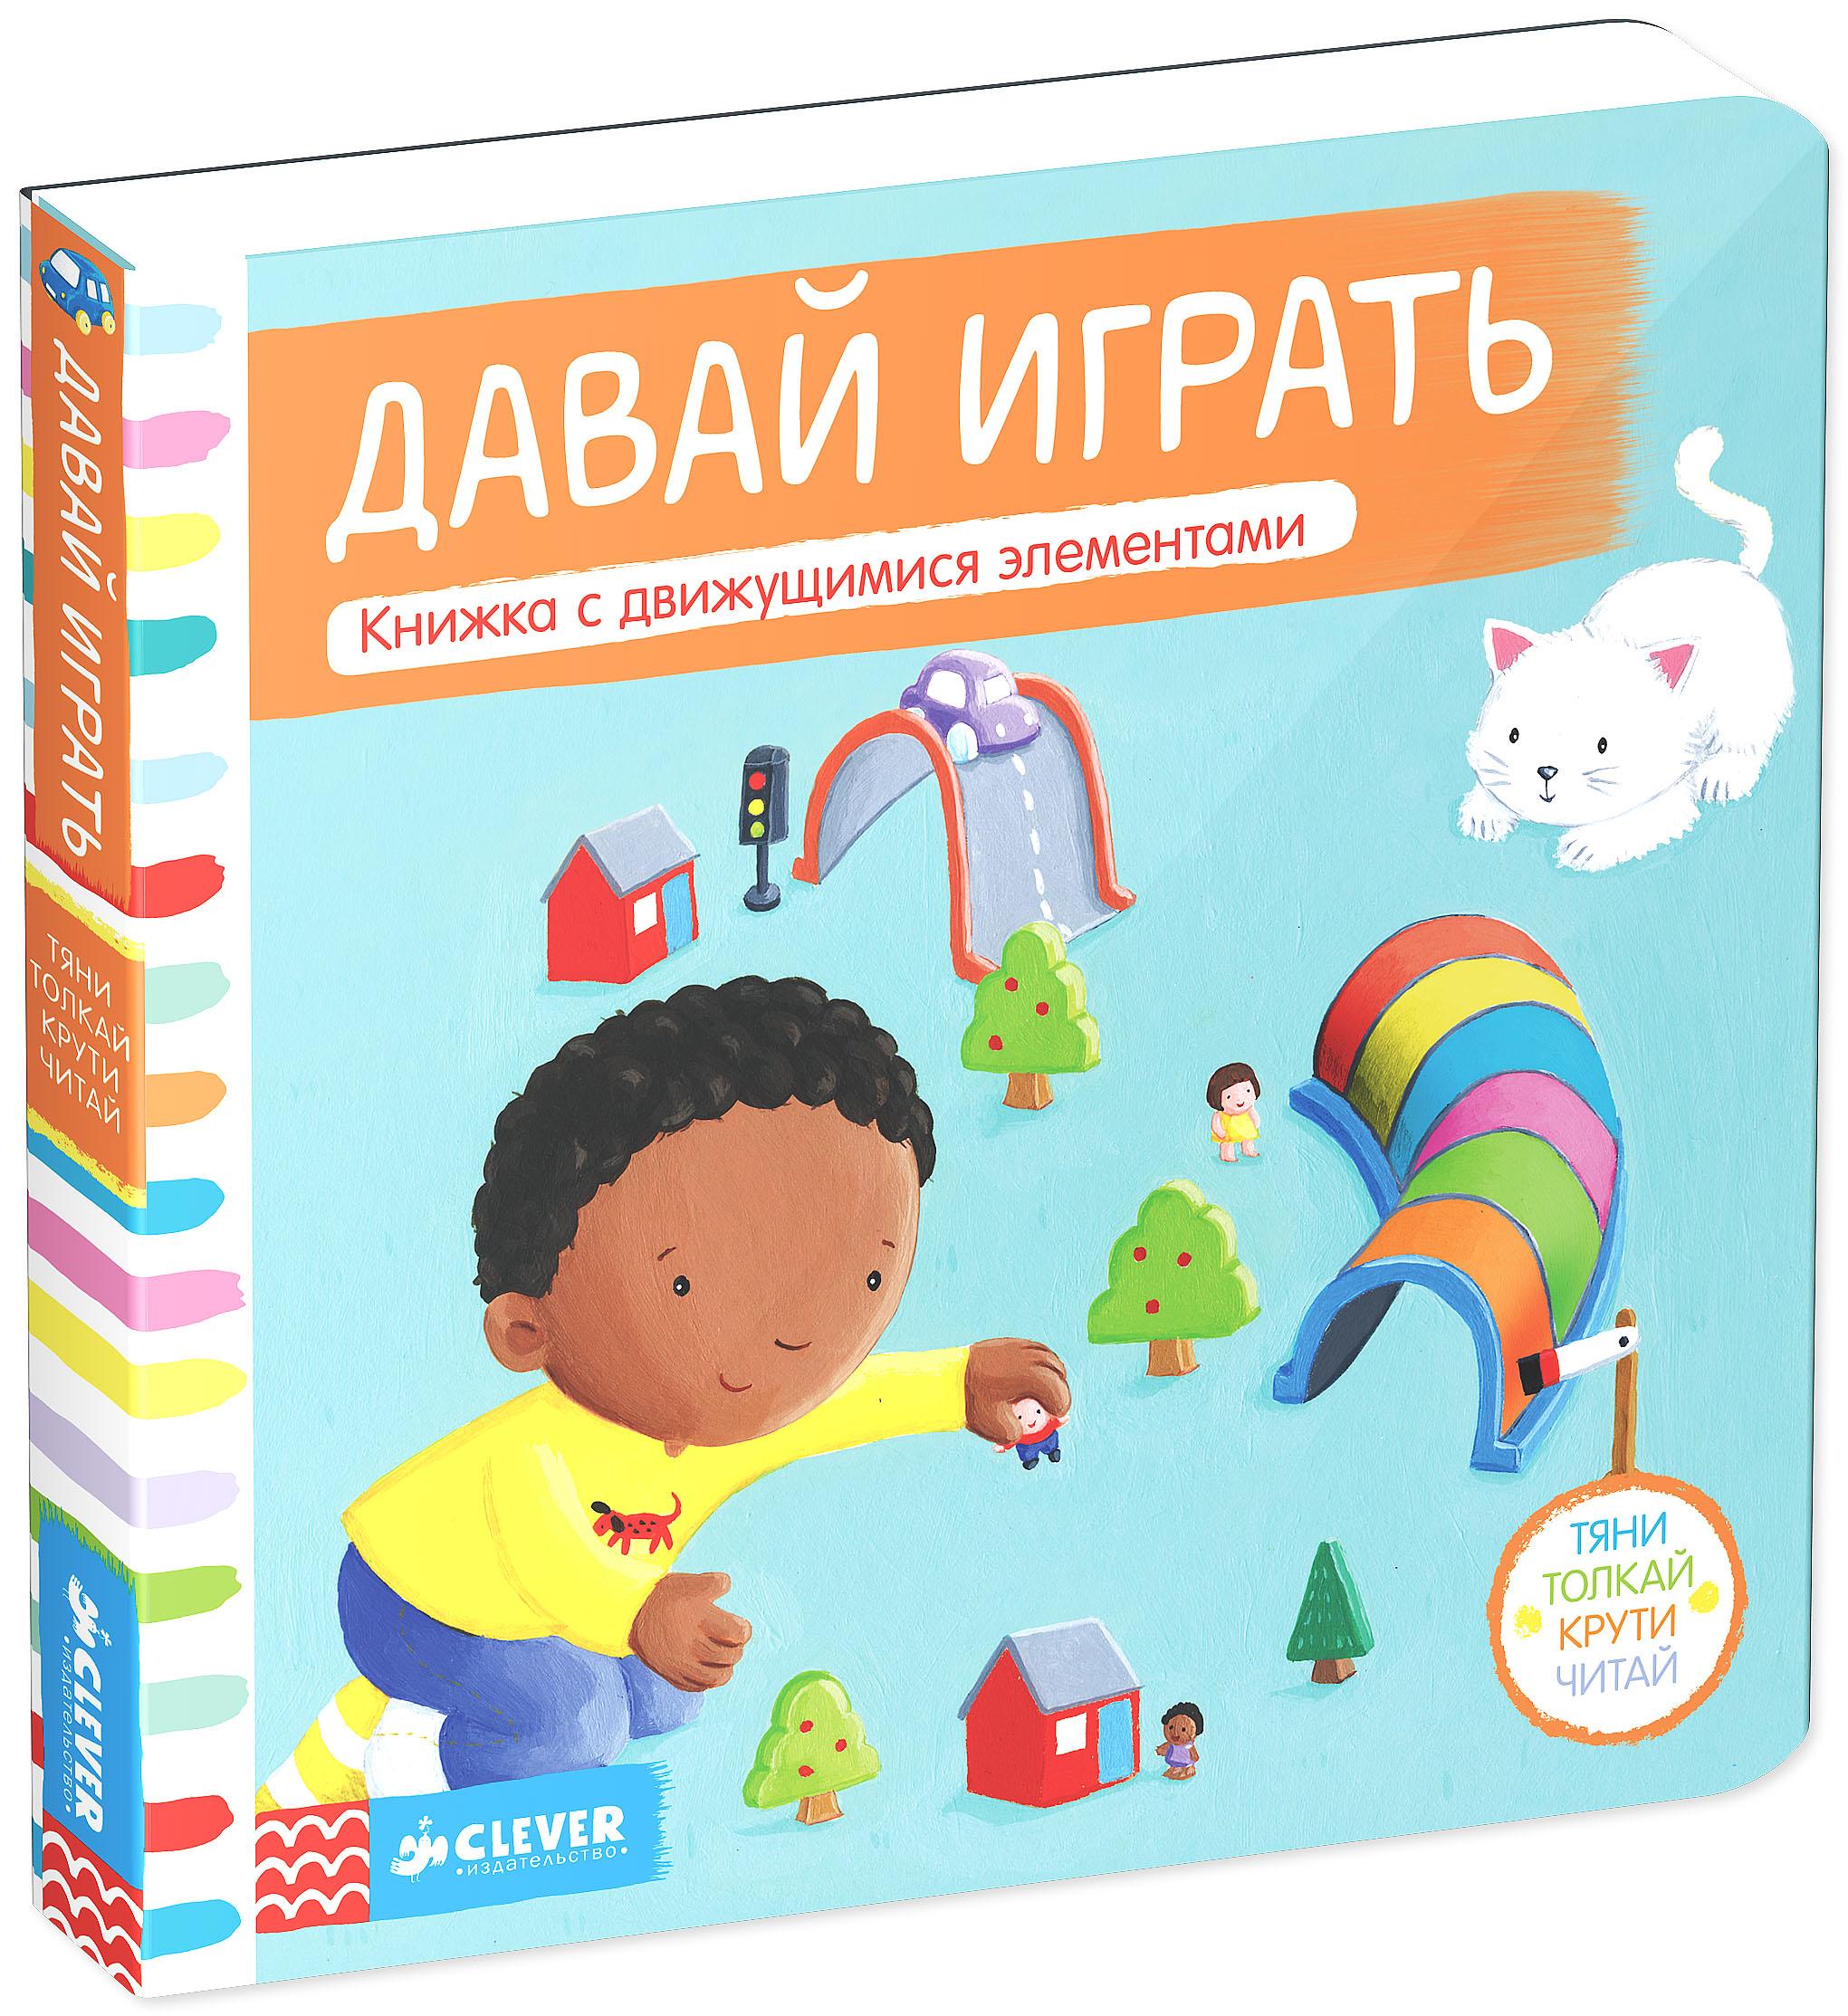 Давай играть. Книжка-игрушка12296407Что вас ждет под обложкой: Издательство CLEVER с радостью представляет замечательные книжки - игрушки серии Тяни-толкай-крути-читай: осваивайте новые слова, развивайте мелкую моторику, внимание ребенка и веселитесь вместе! Находите подвижные детали в новой книге ДАВАЙ ИГРАТЬ и играйте с ними, читайте веселые стихи об играх и любимых игрушках малышей! Гид для родителей: На плотных картонных страницах новой книги ДАВАЙ ИГРАТЬ вы найдете изображения и названия игрушек и предметов, которые на первый взгляд и не игрушки вовсе, например, часы! Но и в ни можно играть при помощи нашей волшебной книжки с подвижными деталями. Кубики и мишки, лошадки и цветные мелки, самосвалы, домики и машинки - все это под обложкой нашей веселой книги, которая понравятся детям в возрасте от 1 года до 3 лет. А плотные ламинированные страницы из картона прослужат не одному поколению веселых непосед! Изучайте игрушки, играйте с подвижными деталями и объясняйте ребенку значение...